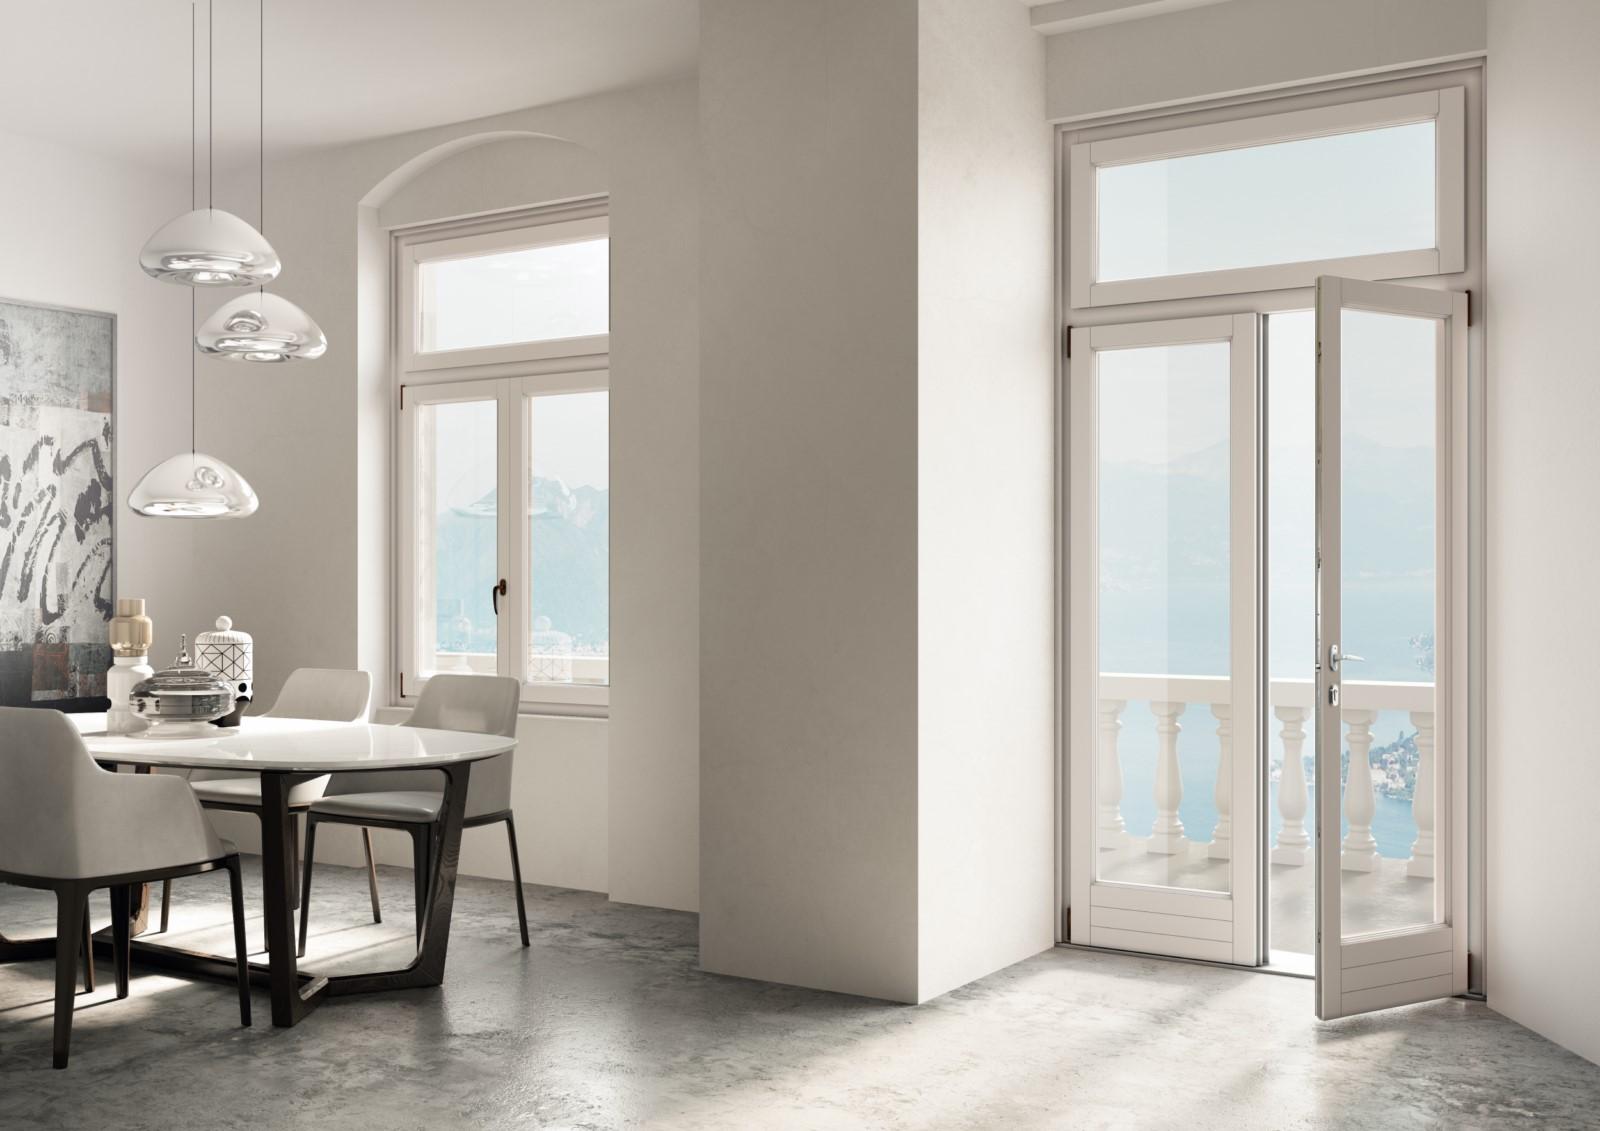 6 buoni motivi per cambiare le finestre di casa omnia - Cambiare finestre ...